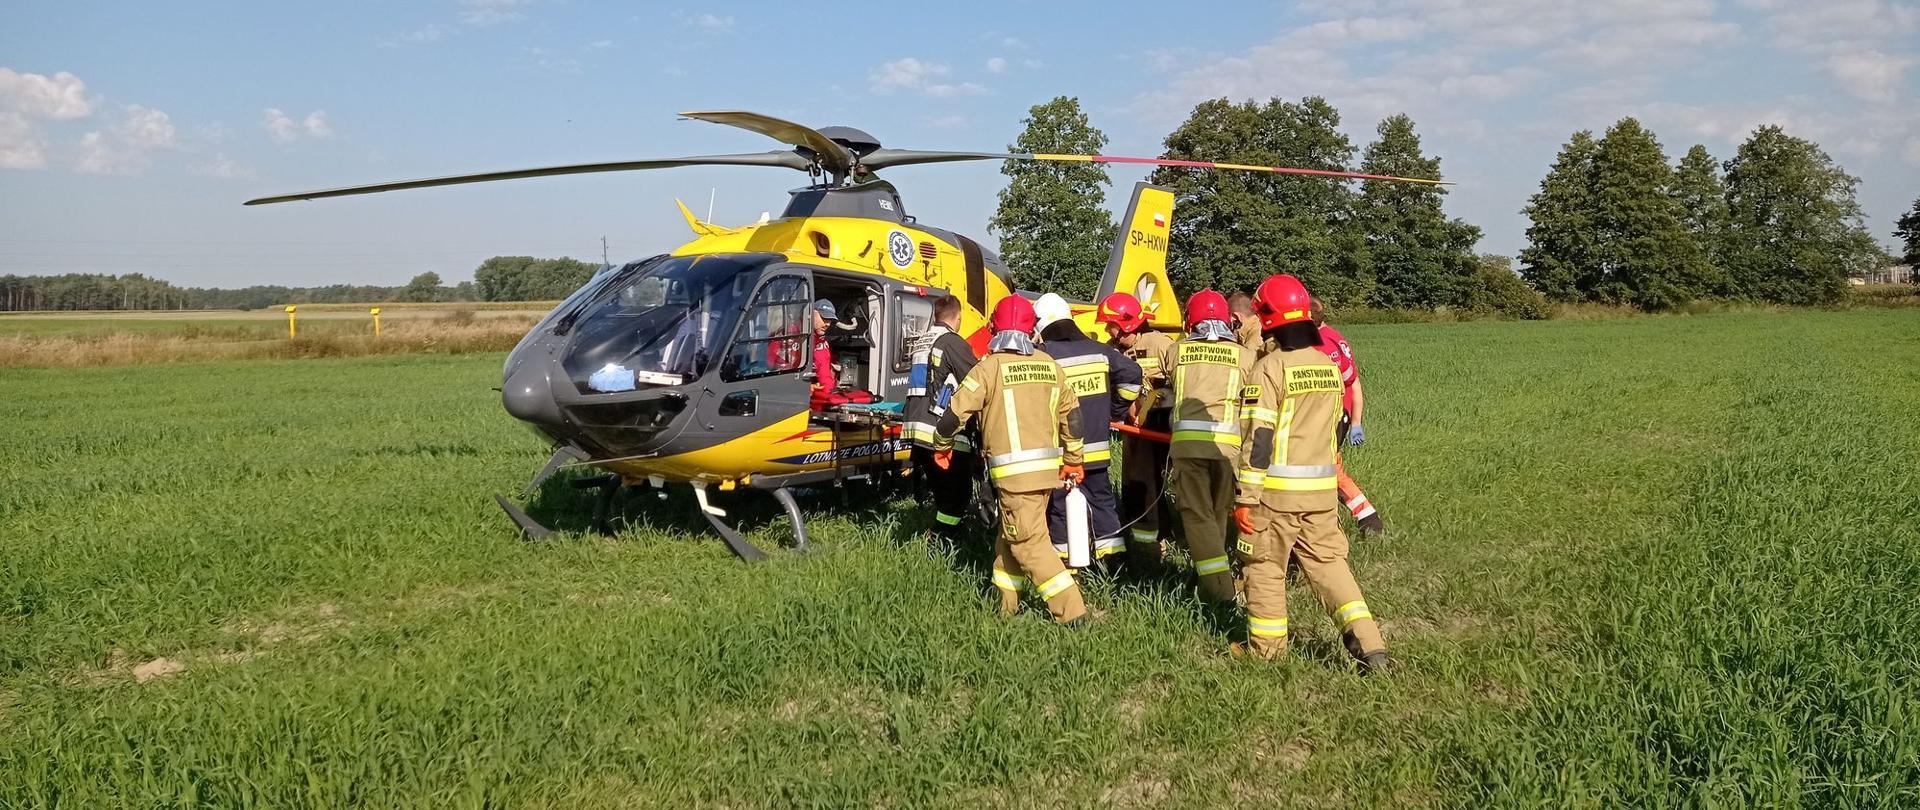 Zdjęcie przedstawia strażaków i ratowników medycznych działających przy wypadku. W tle śmigłowiec ratowniczy, pole i drzewa.